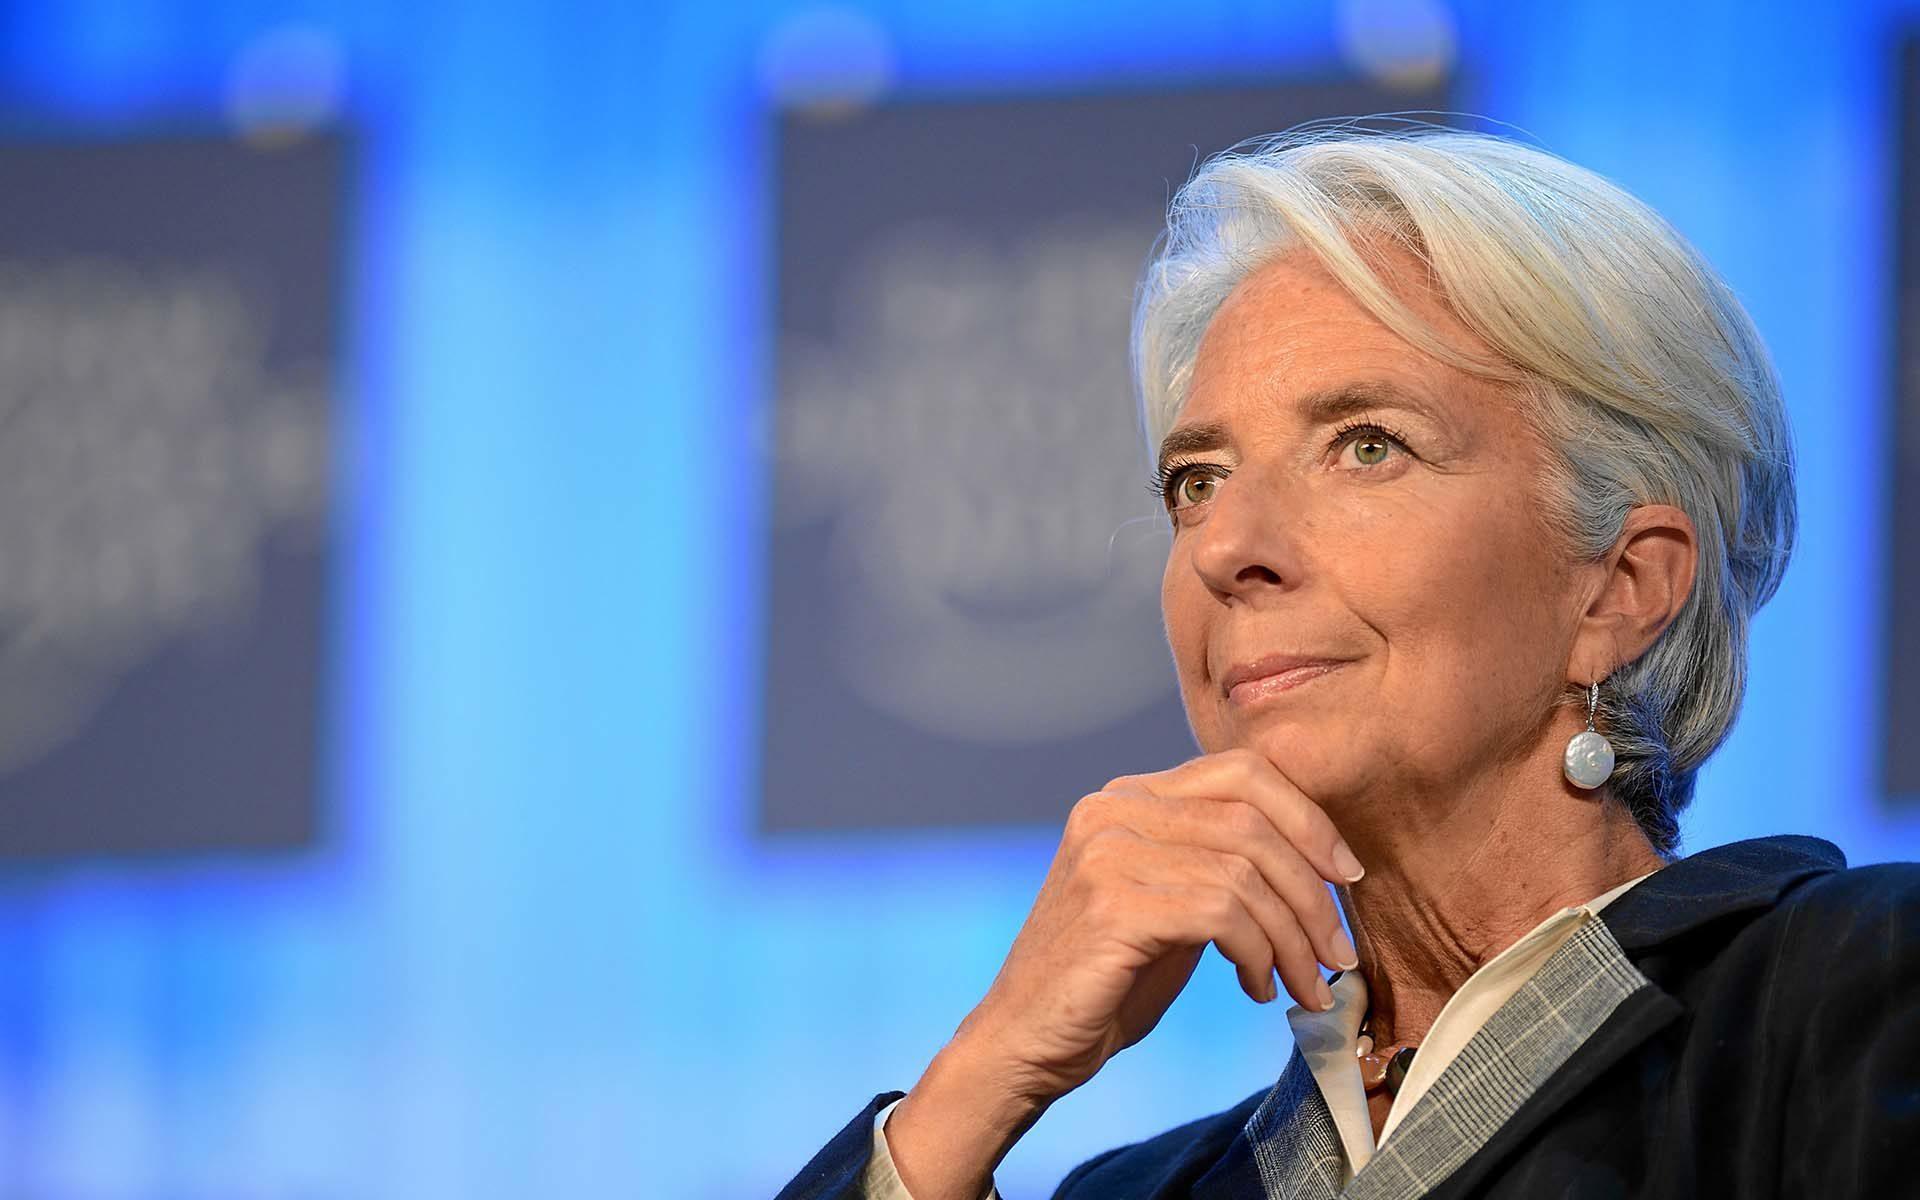 Глава МВФ: Потенциал экономического роста на Кавказе и в Центральной Азии намного выше